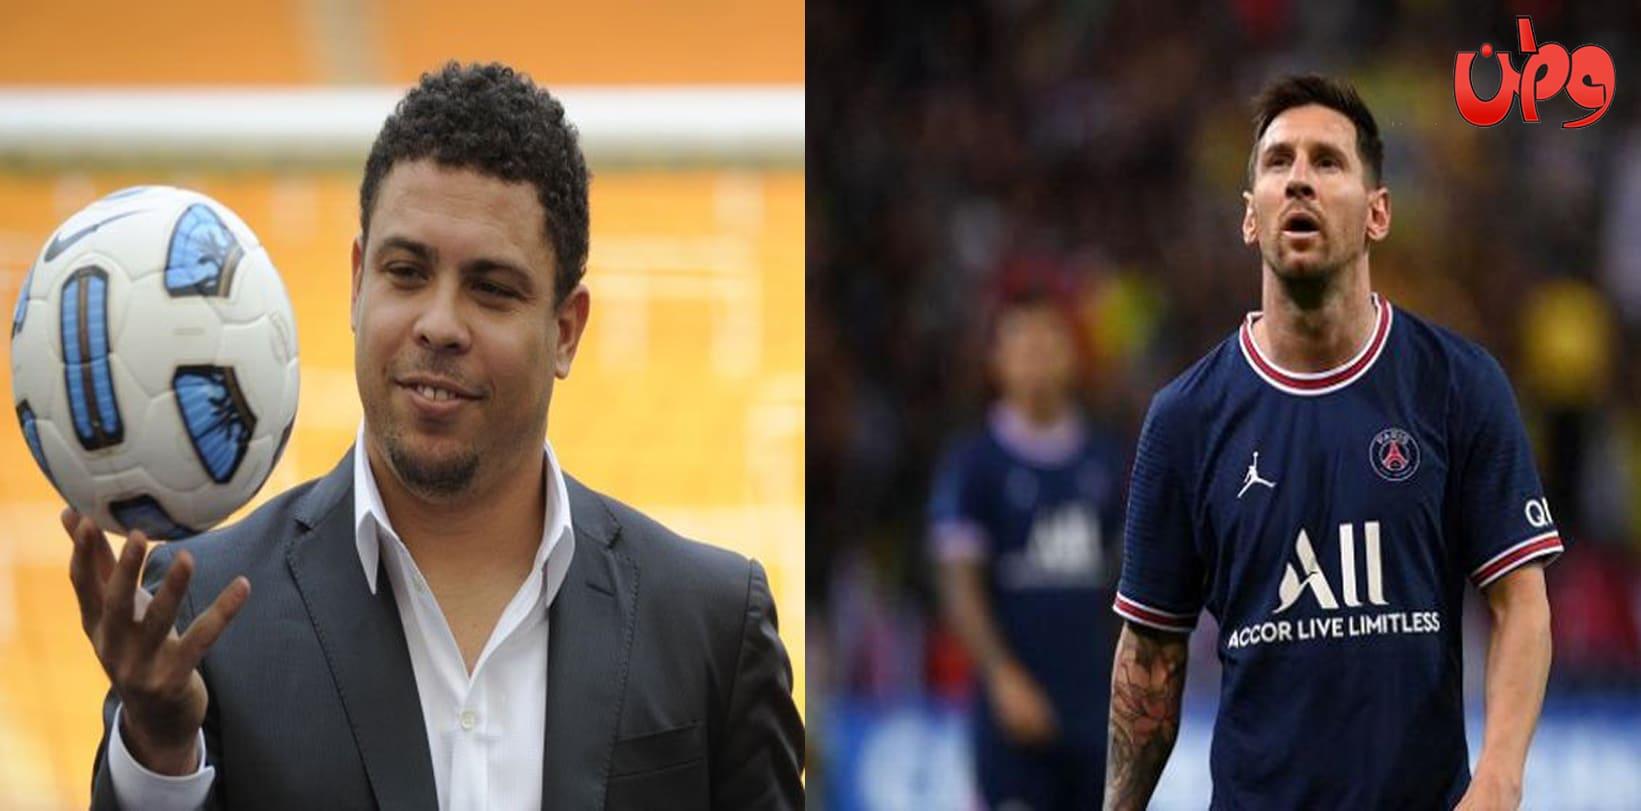 رونالدو والحديث عن باريس سان جيرمان بعد ضم اللاعب ليونيل ميسي